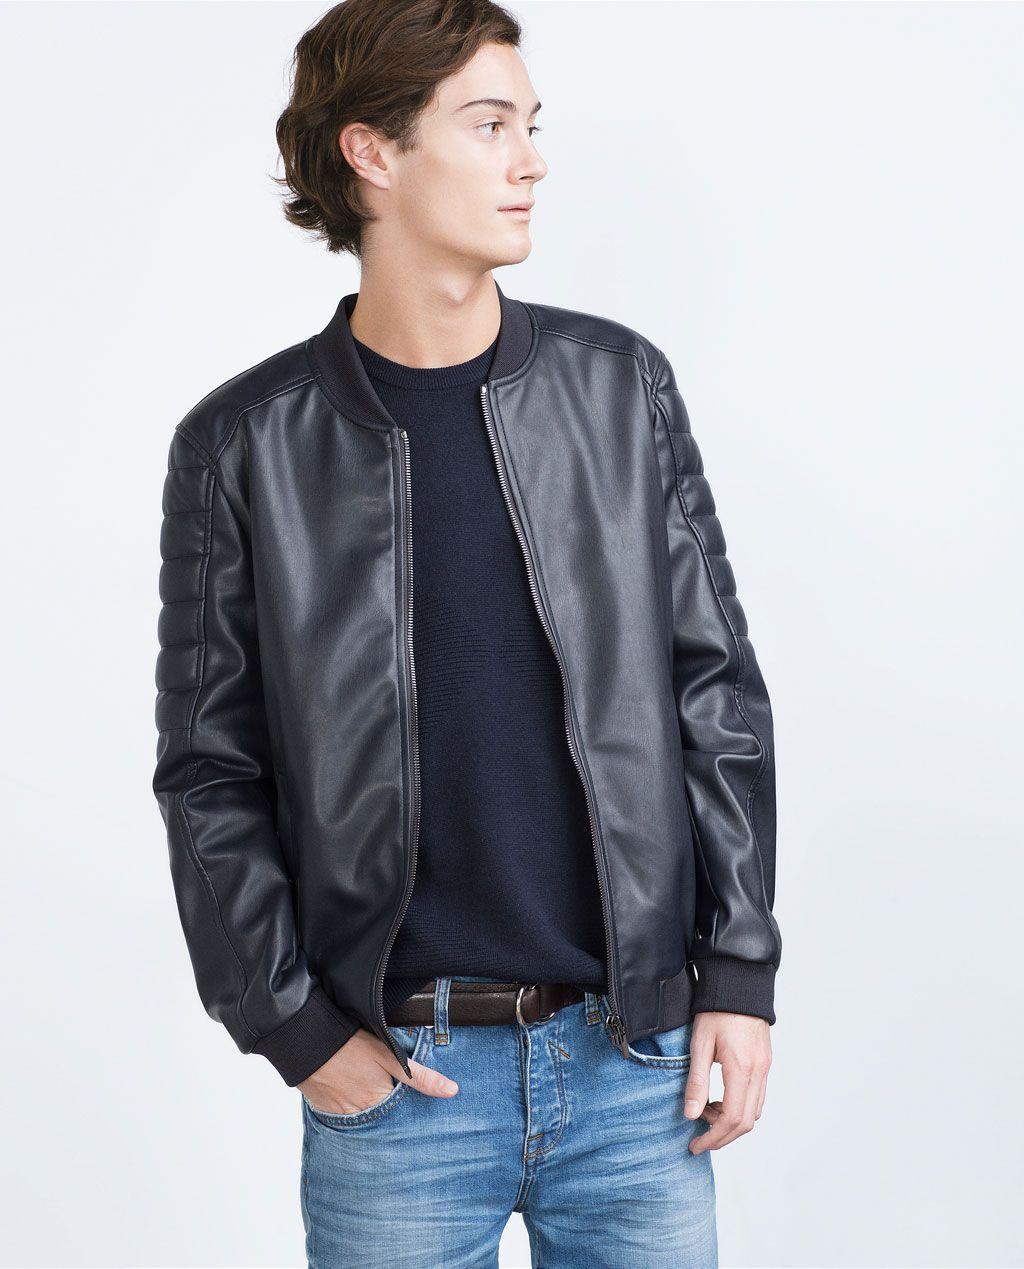 ZARA MAN FAUX LEATHER JACKET Jackets, Faux leather